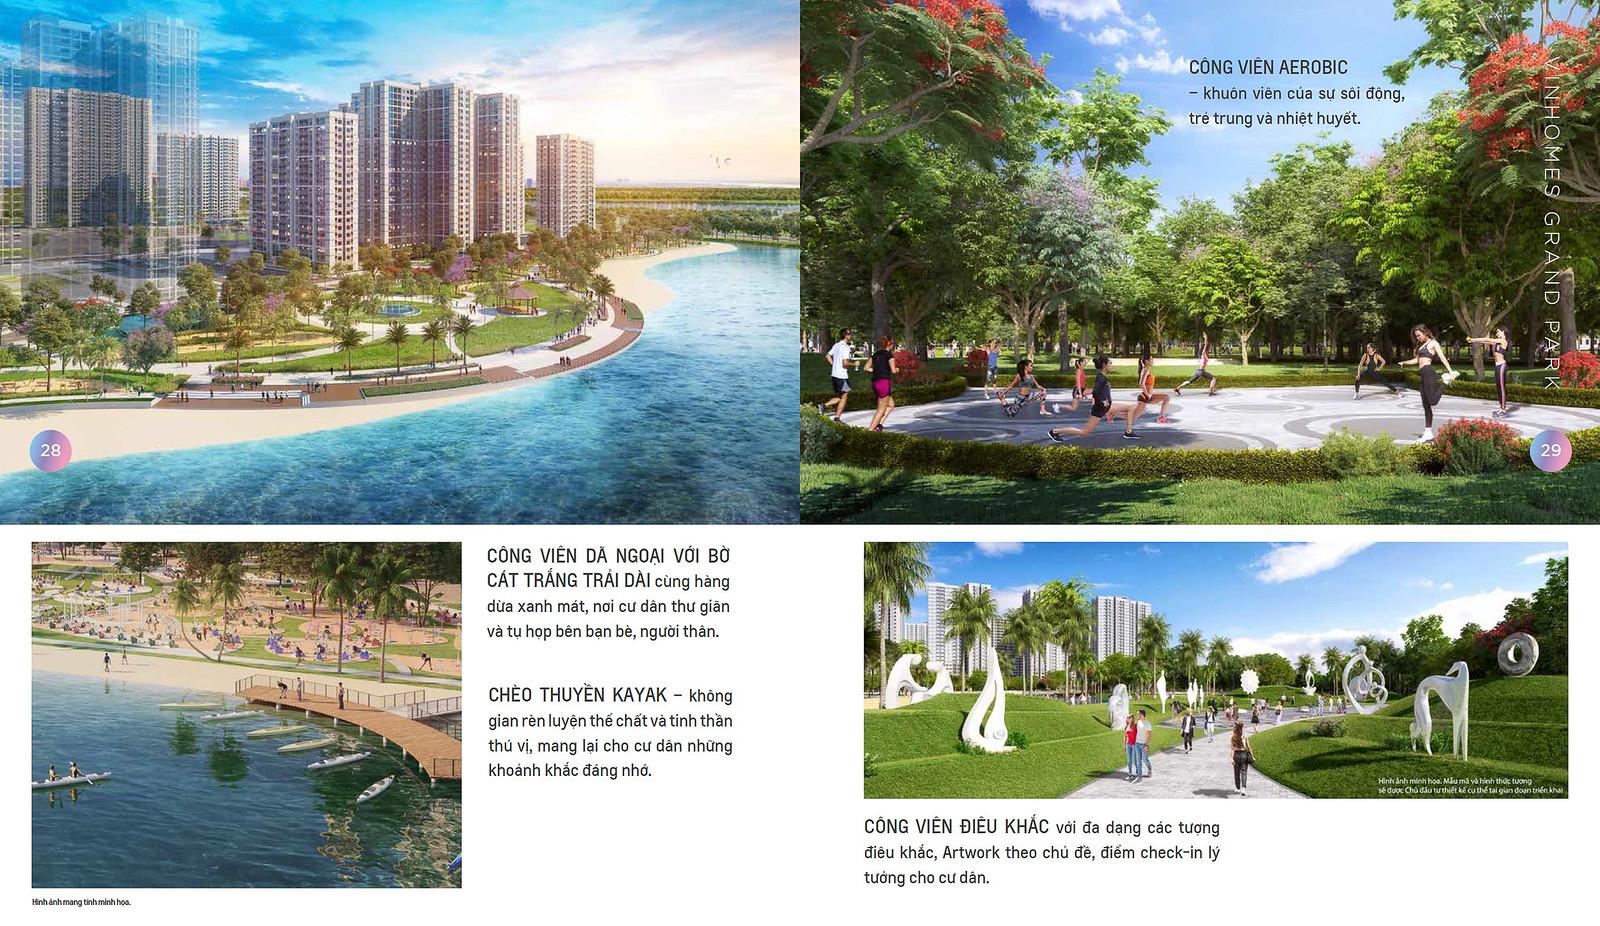 Vinhomes Grand Park quận 9 – Đại đô thị kiểu mới cho cư dân thành phố 2